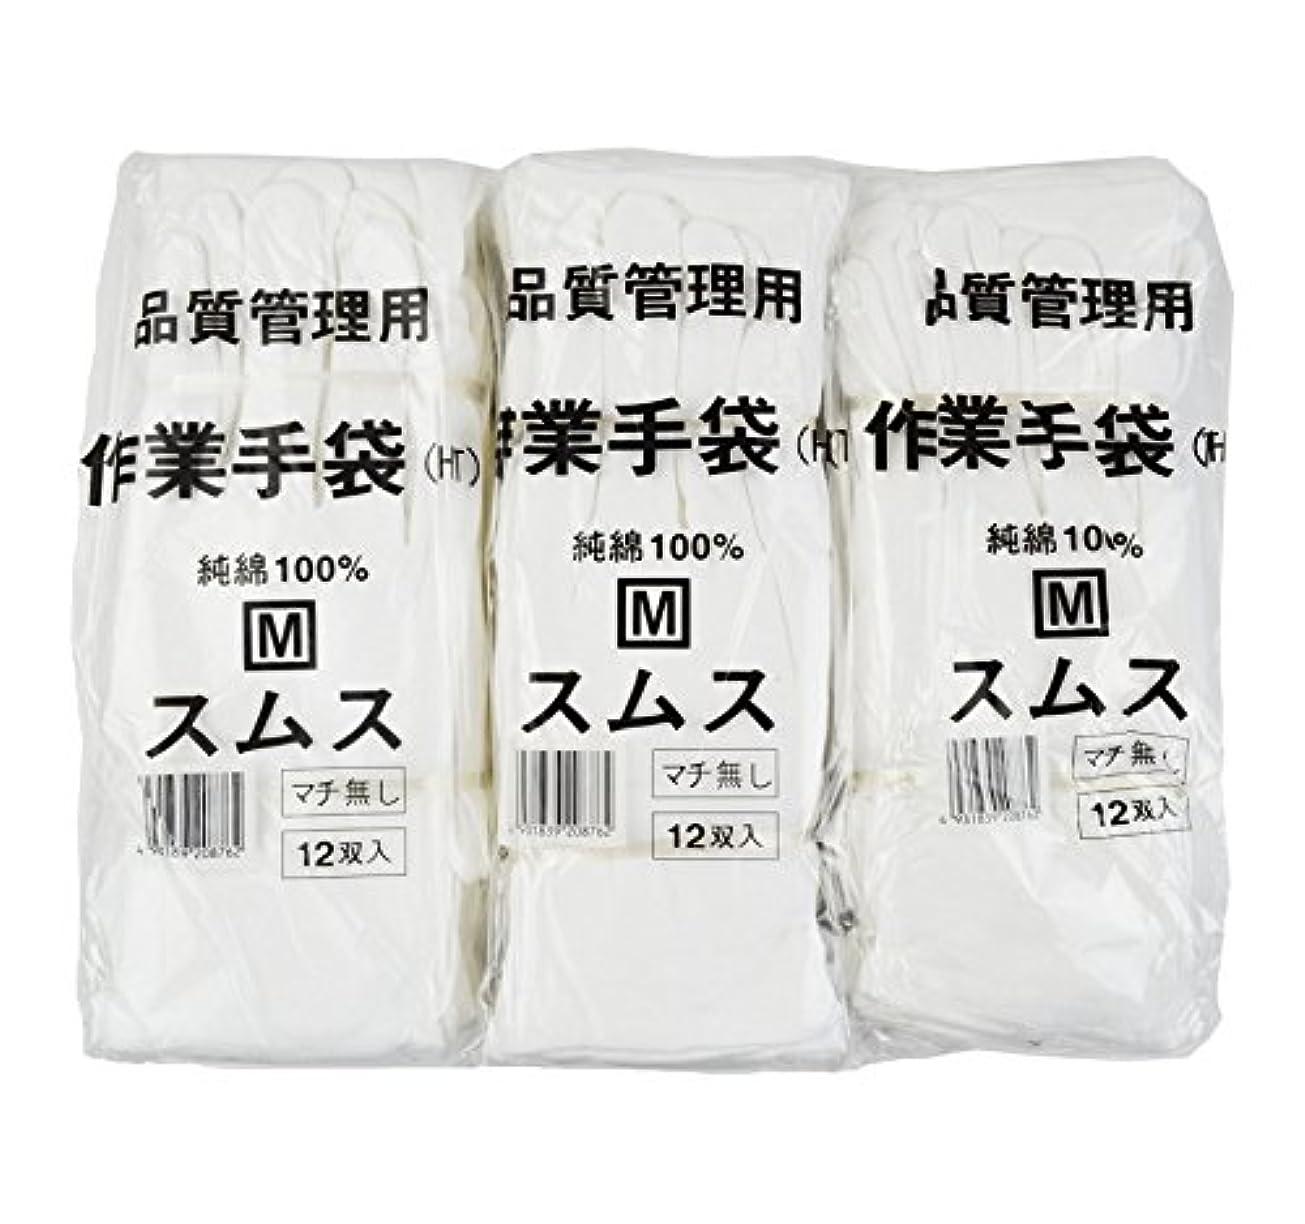 疫病災害責【お得なセット売り】 (36双) 純綿100% スムス 手袋 Mサイズ 12双×3袋セット 多用途 作業手袋 101116